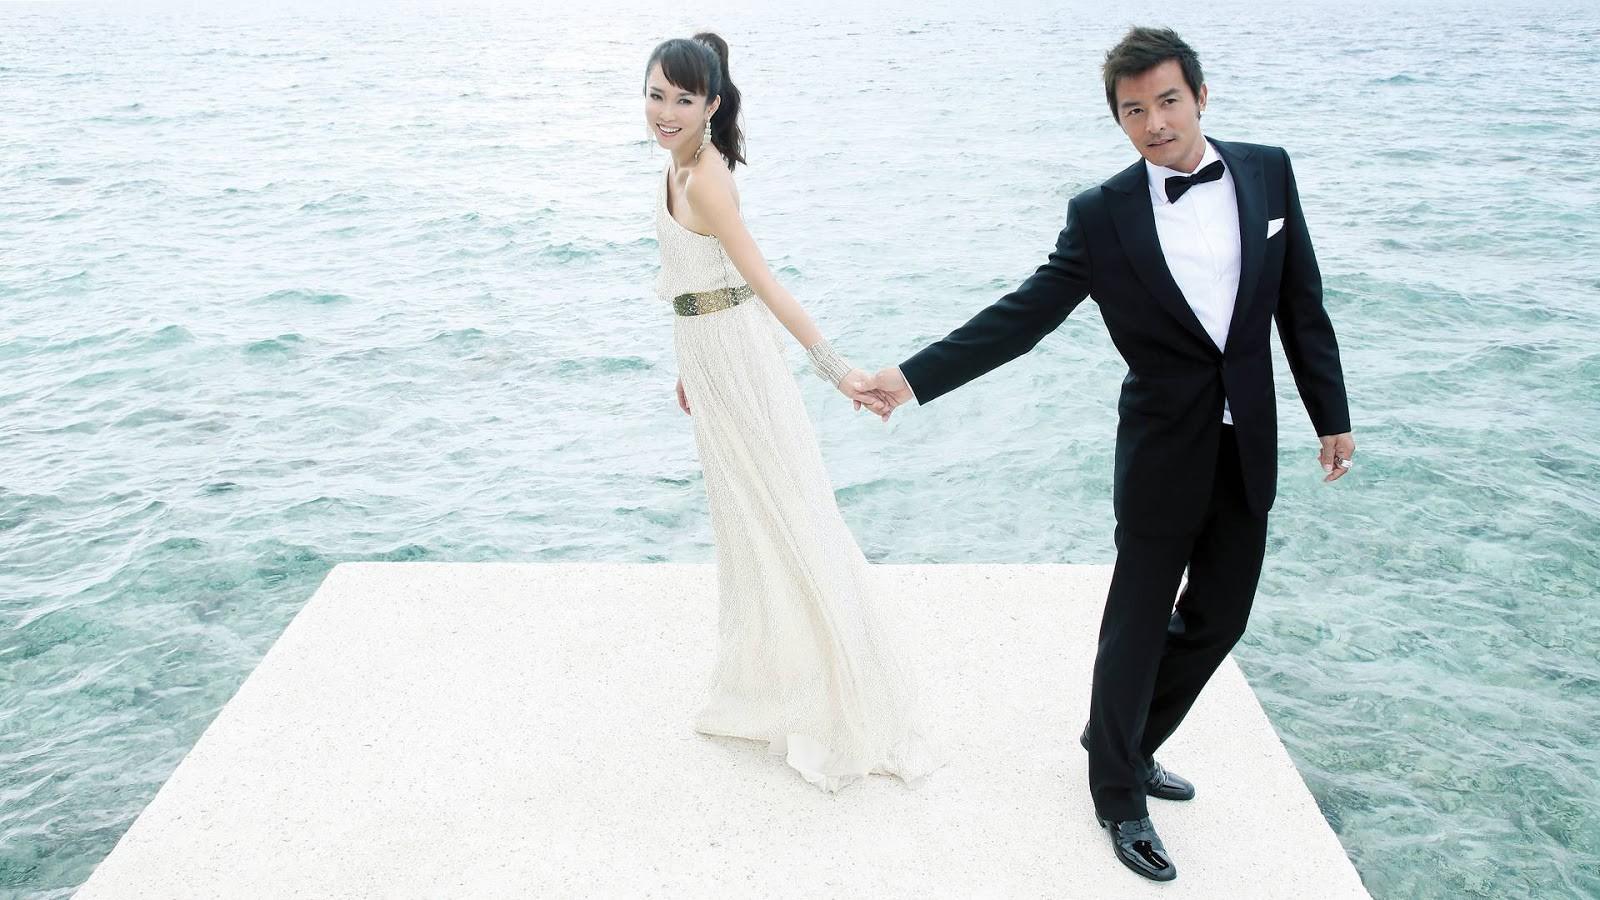 Cuộc sống hôn nhân của cặp đôi Lý Minh Thuận và Phạm Văn Phương